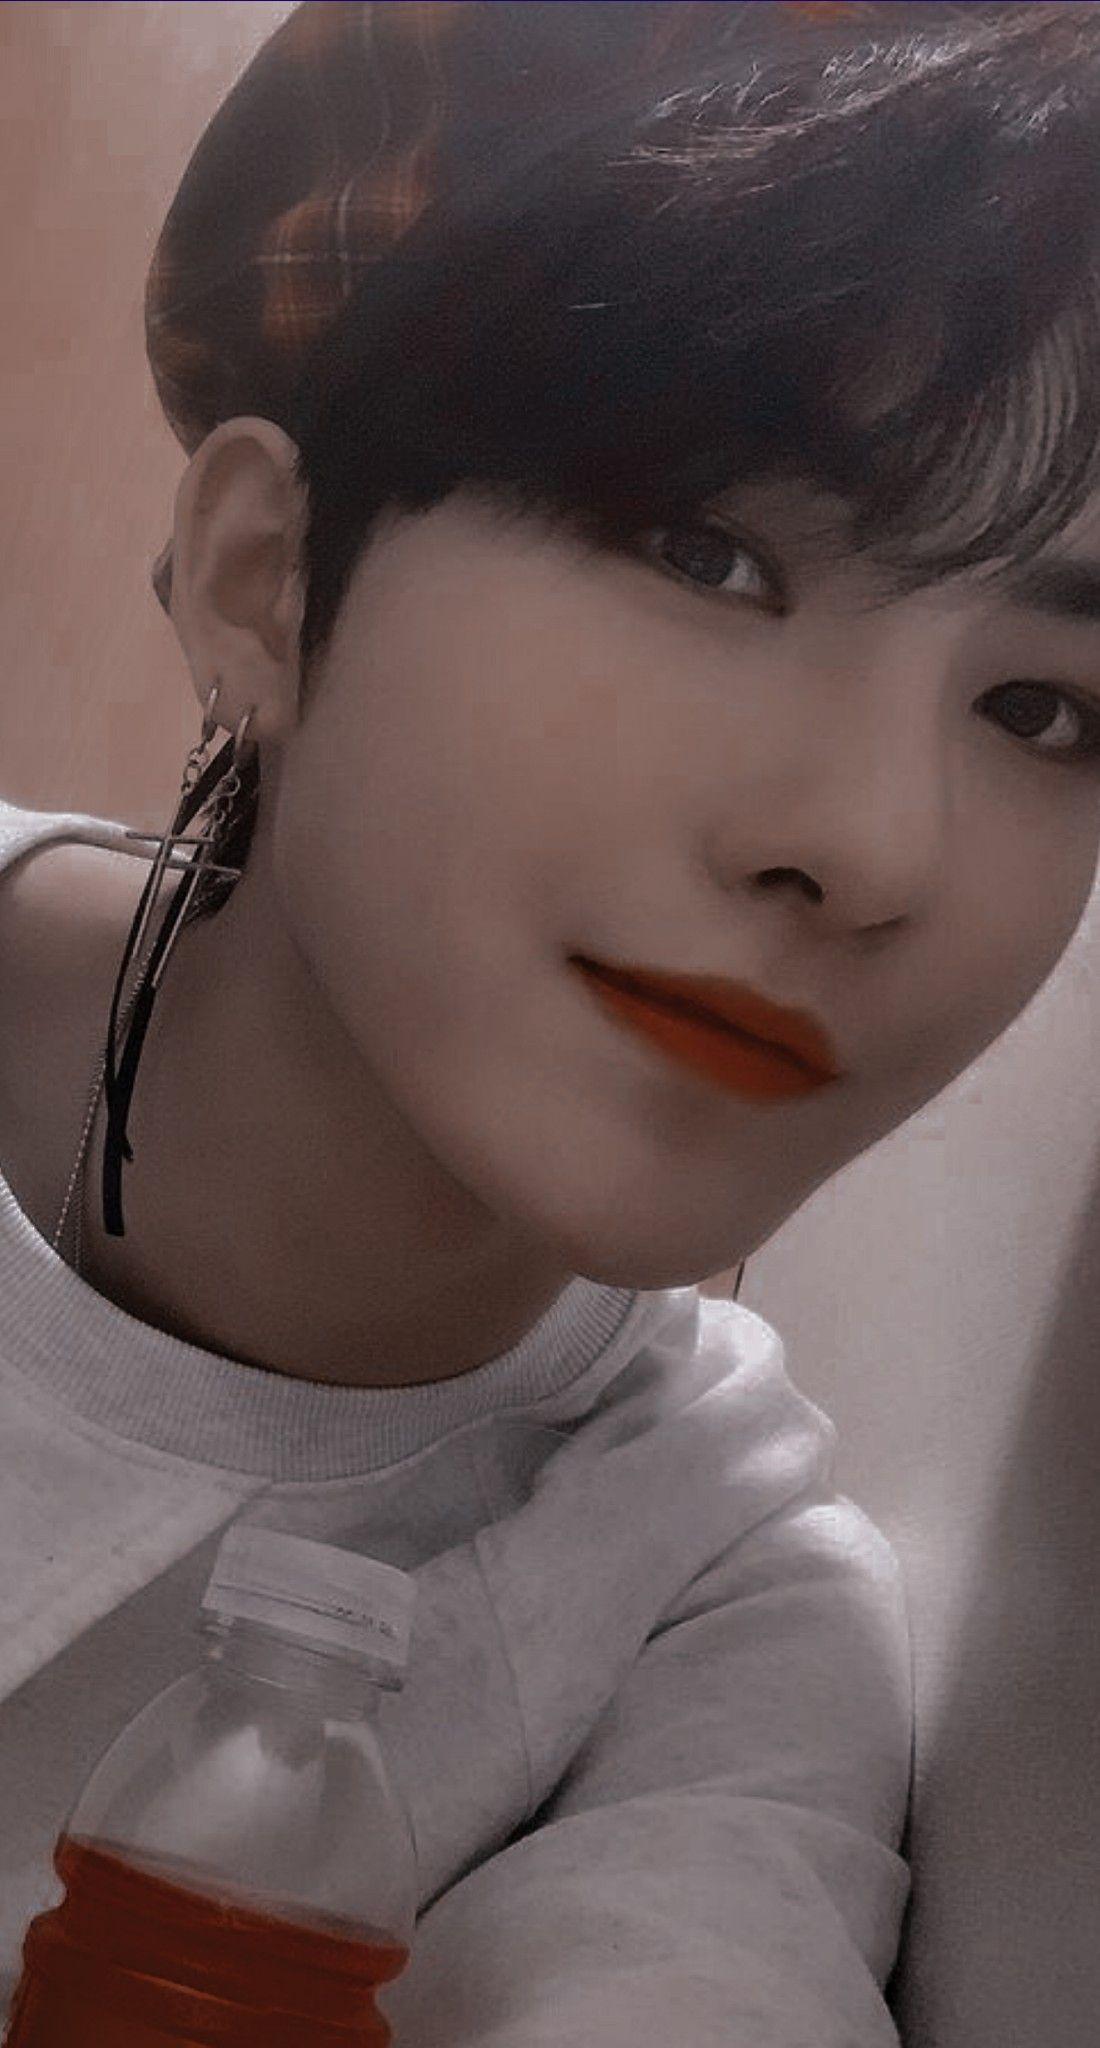 Pin By Deobiws On Hwall Kpop Idol Idol Clear Skin